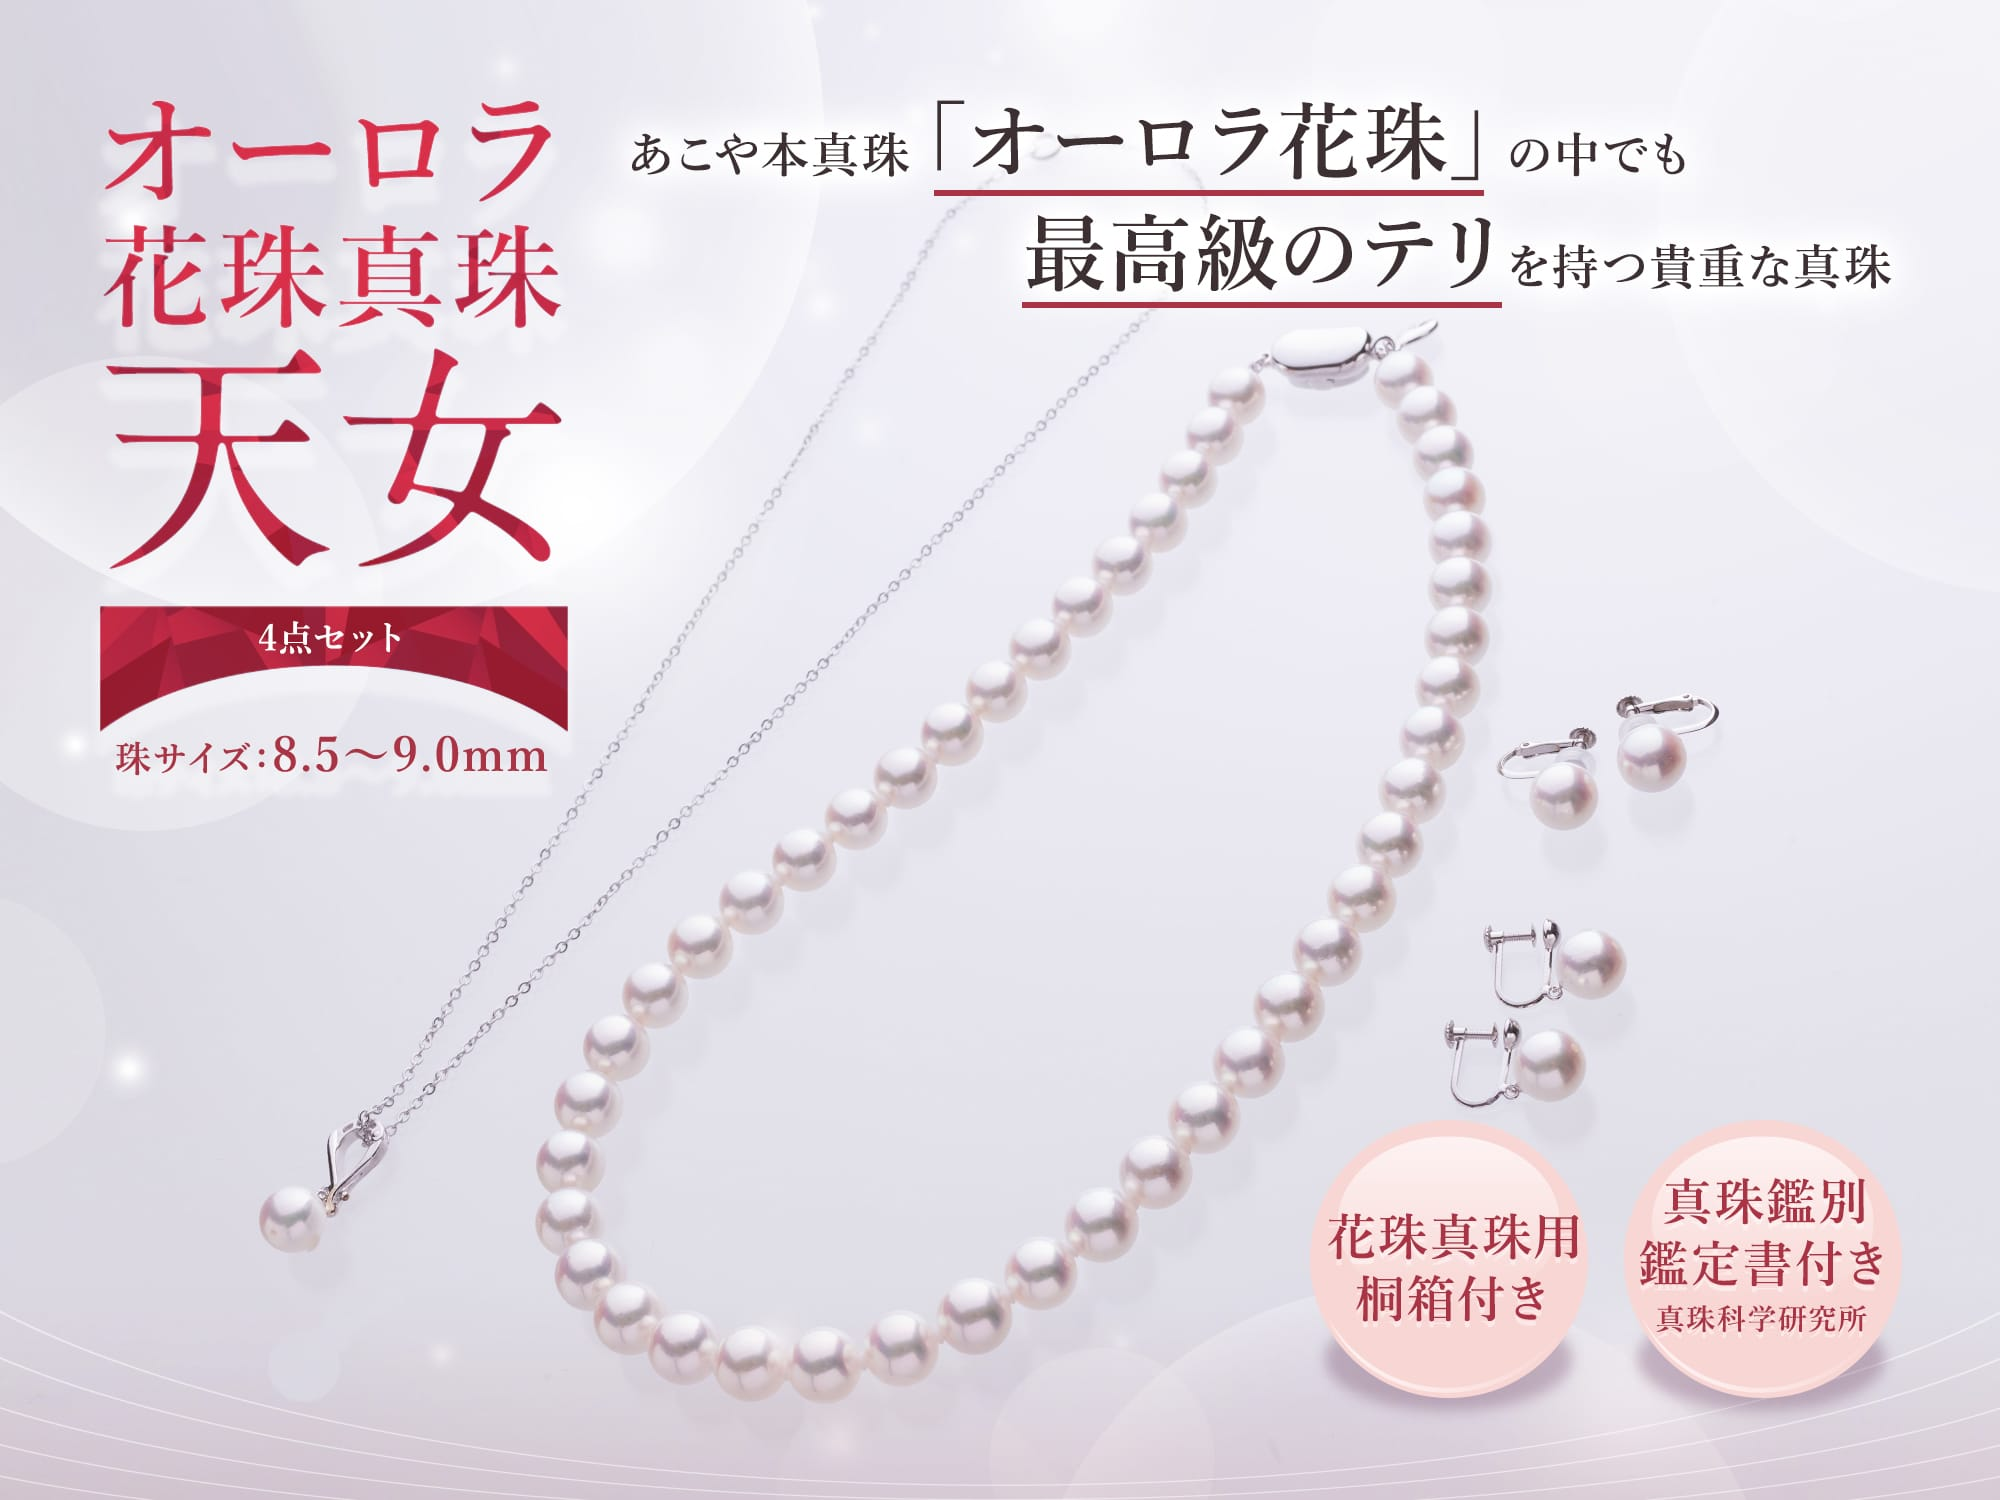 オーロラ花珠天女4点セット 8.5~9.0mm E42cm